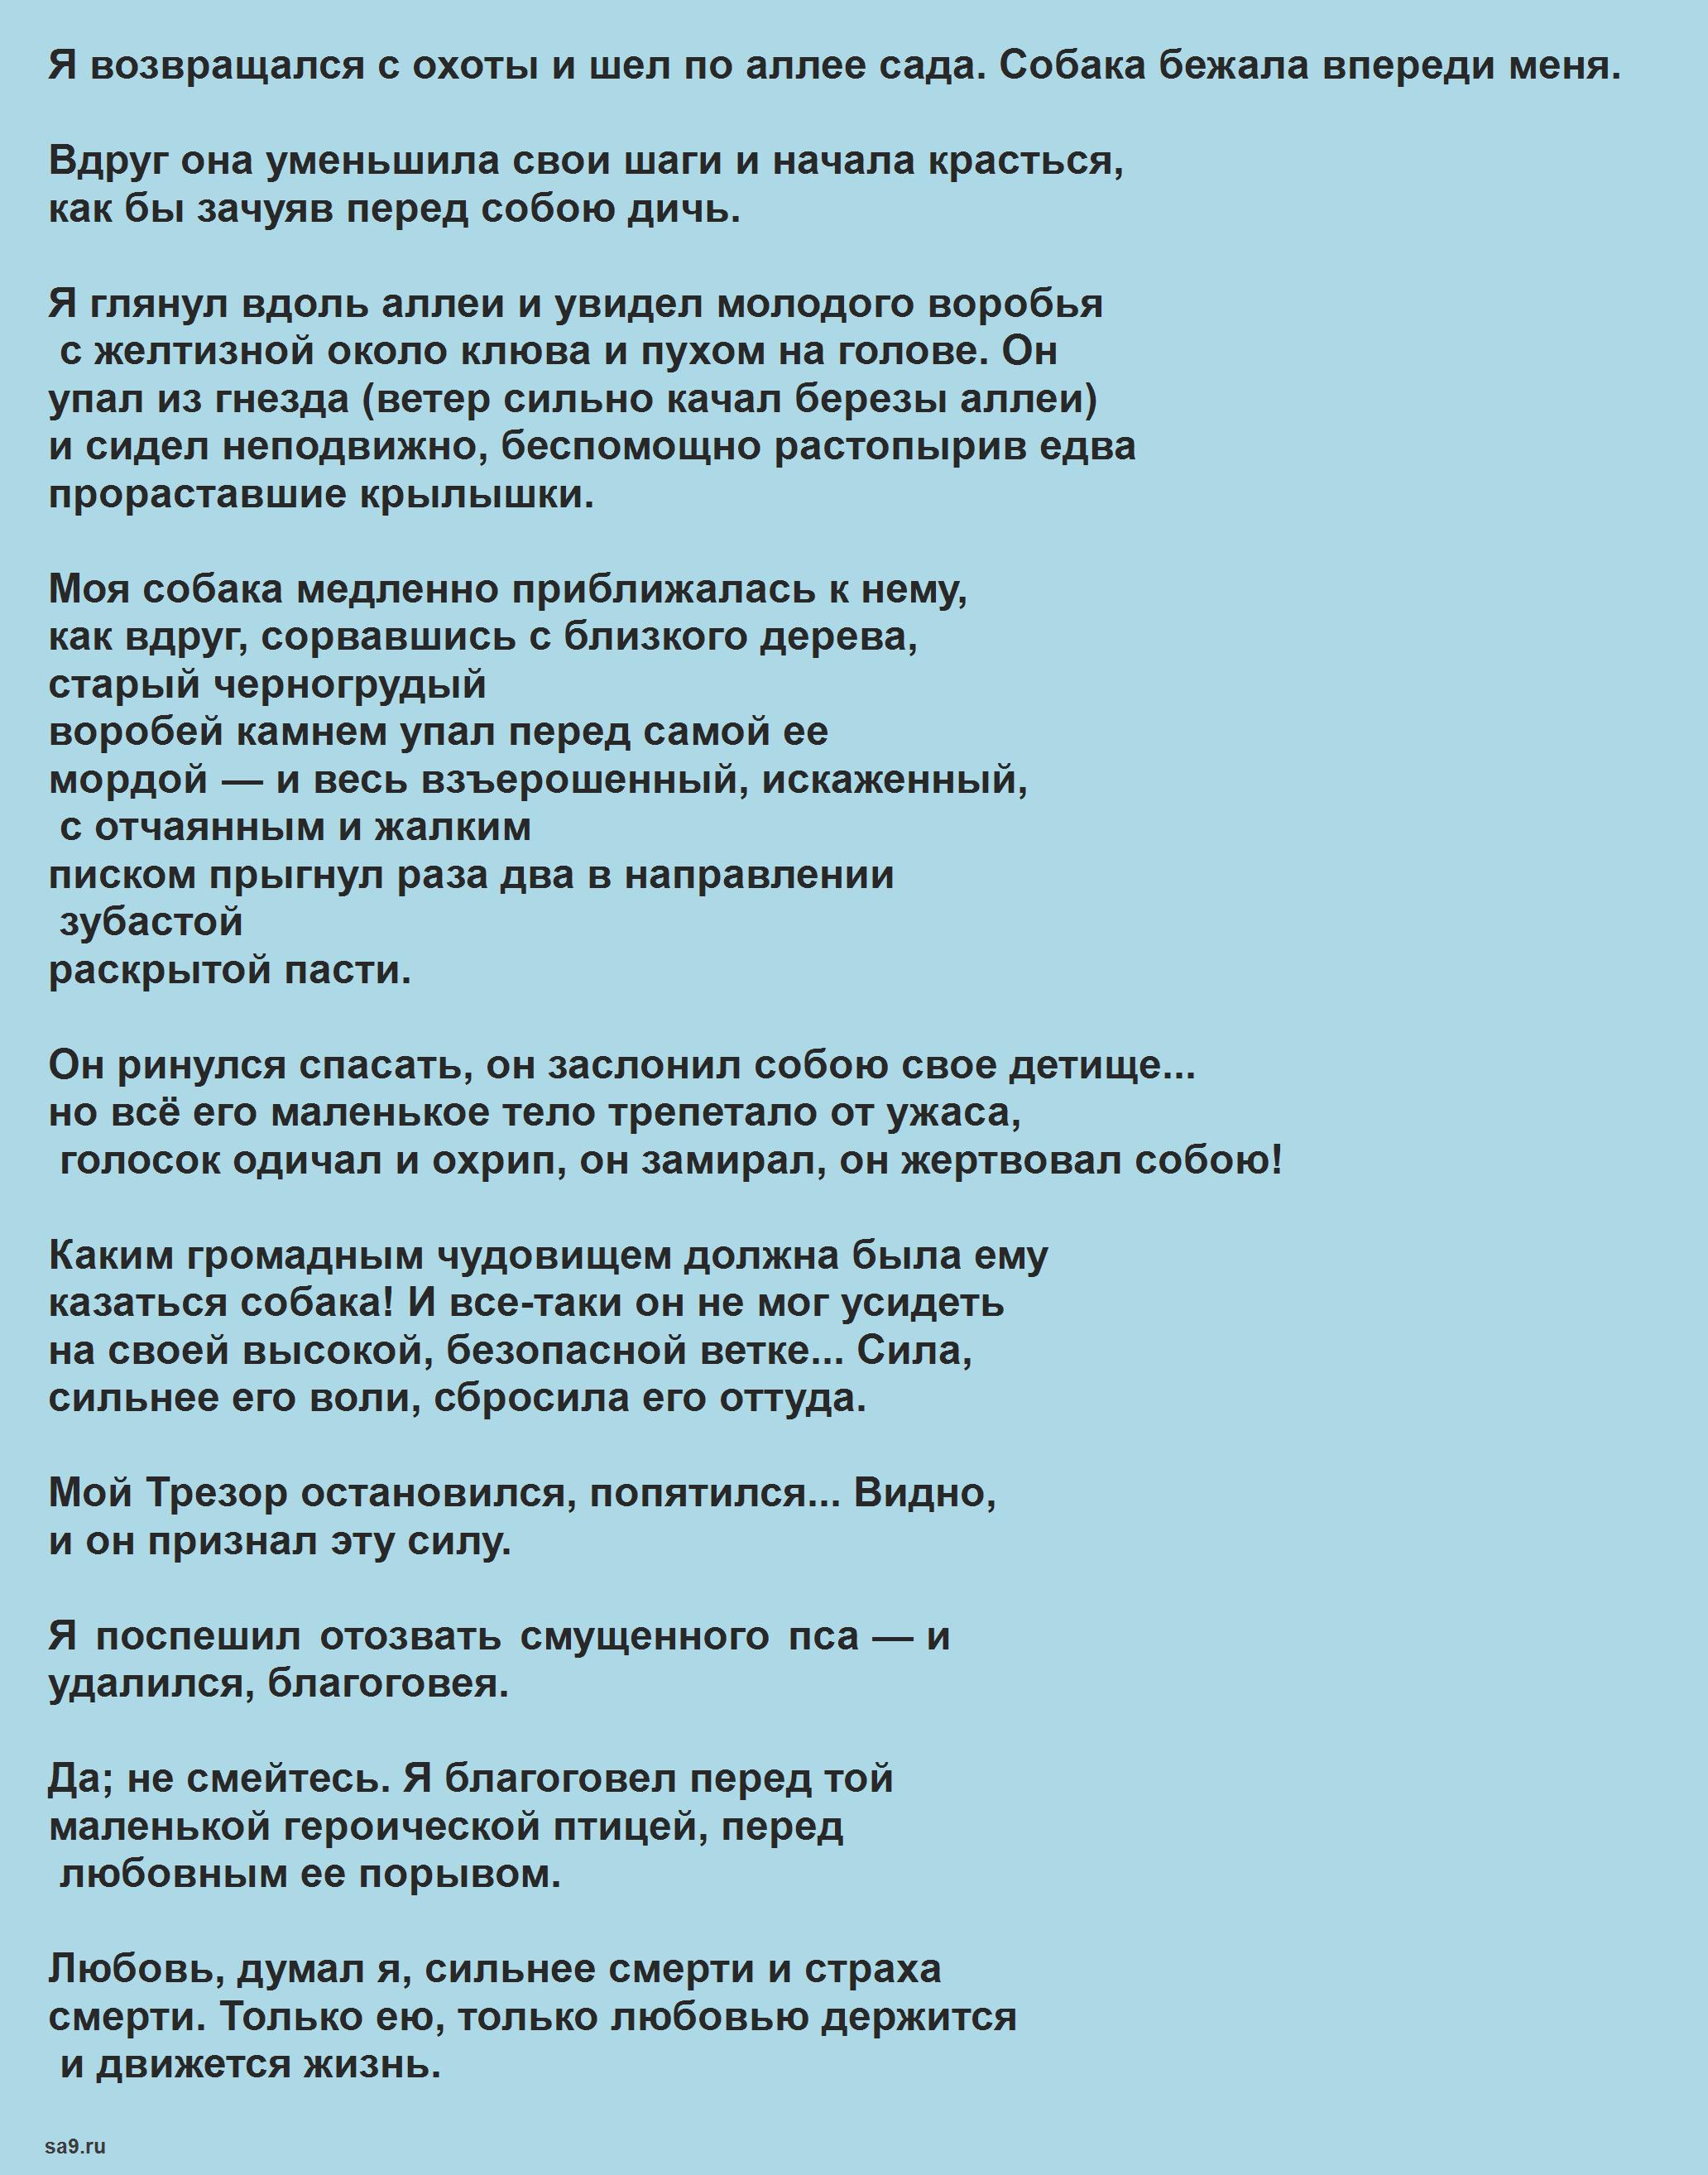 Лучшие стихи Тургенева в прозе - Воробей